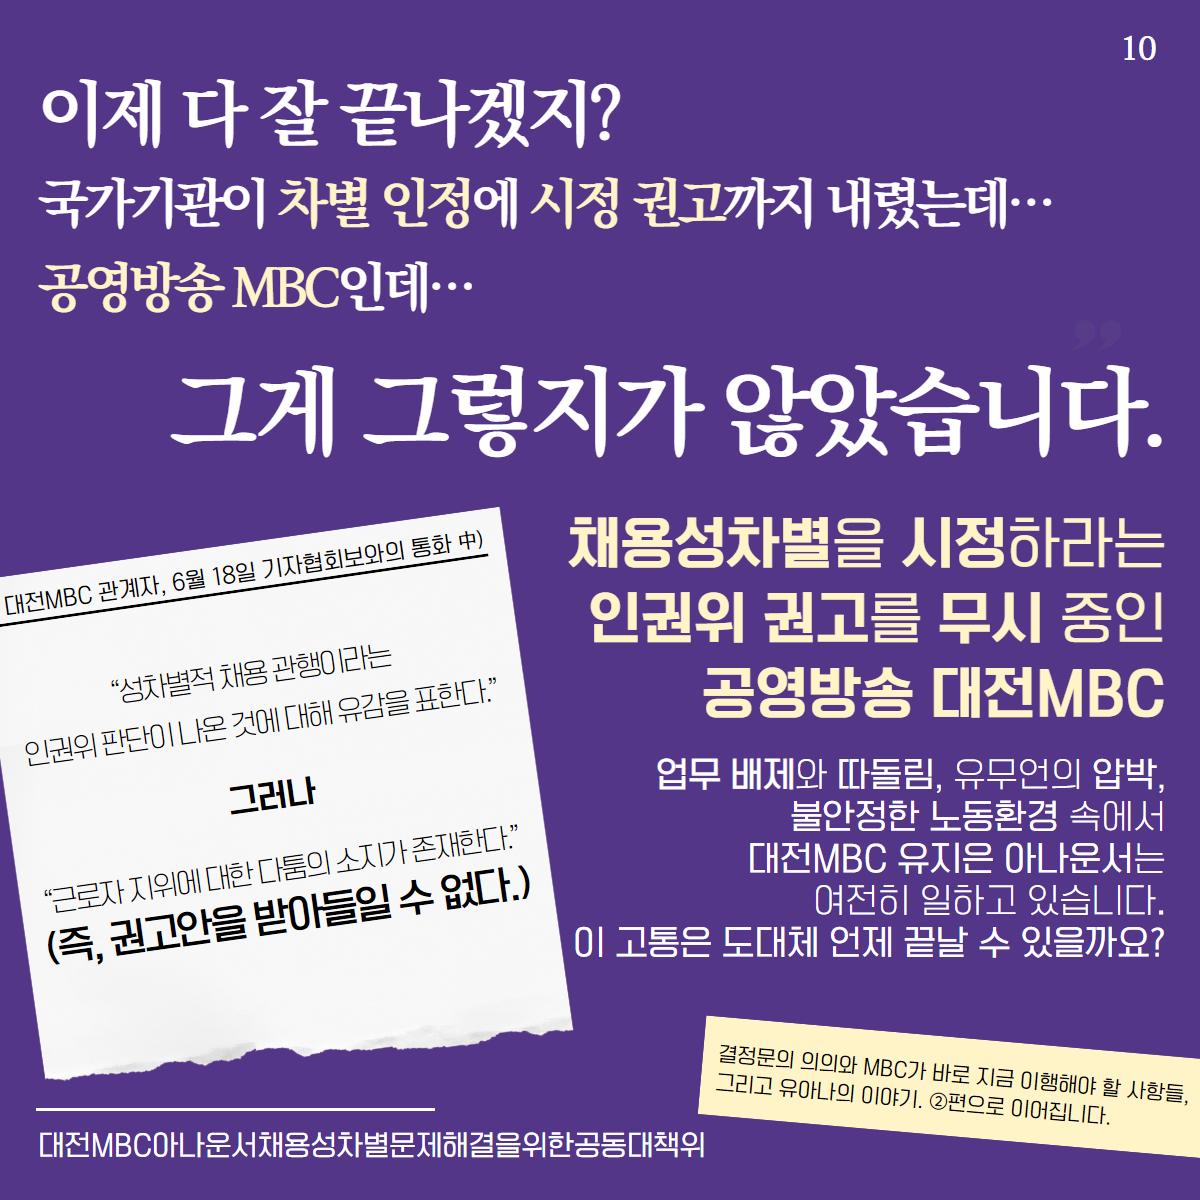 대전MBC_인권위결정1-10.png